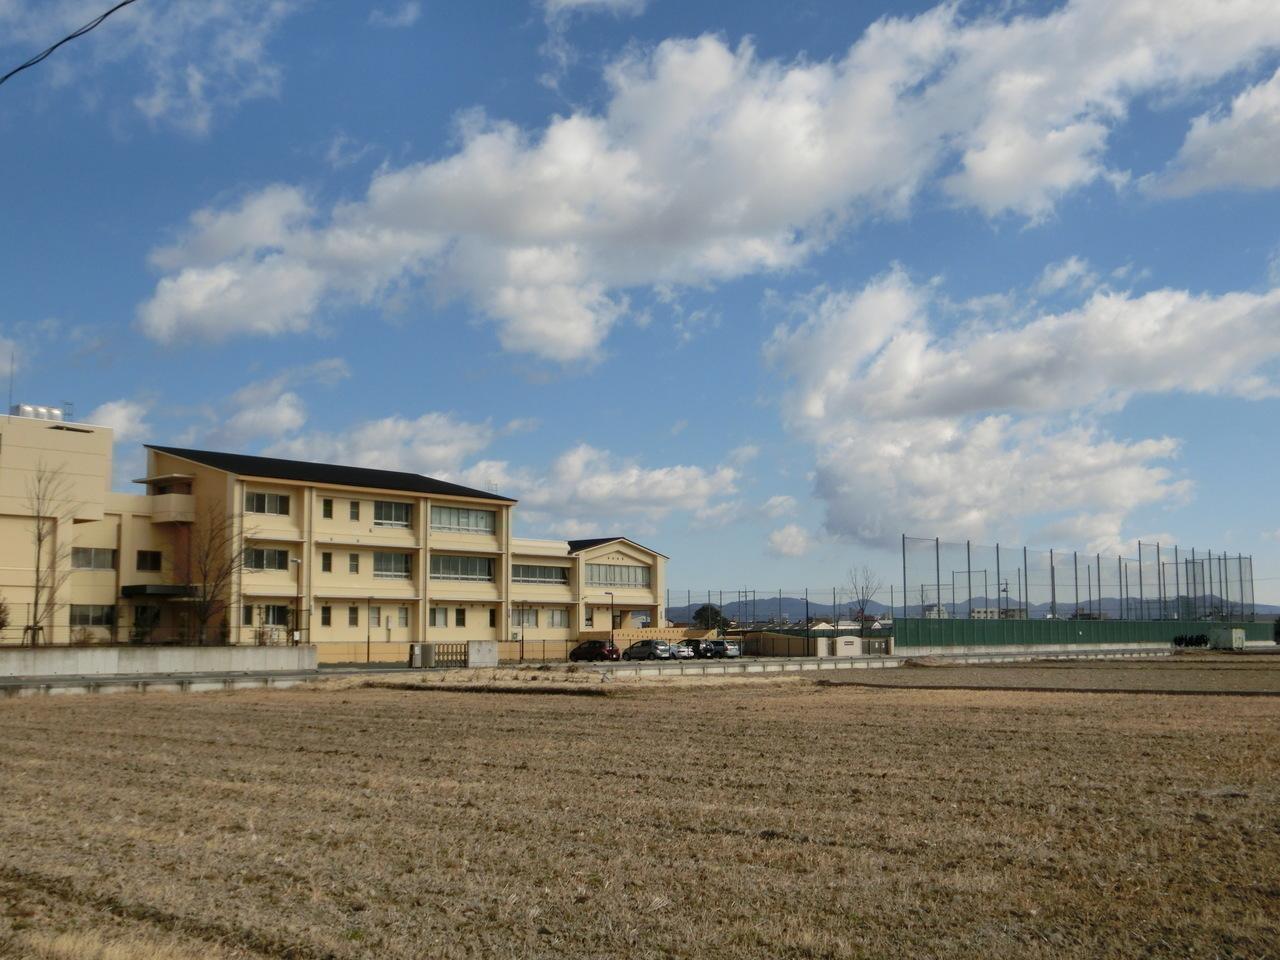 【中学校】豊橋市立吉田方中学校まで徒歩17分(1342m)